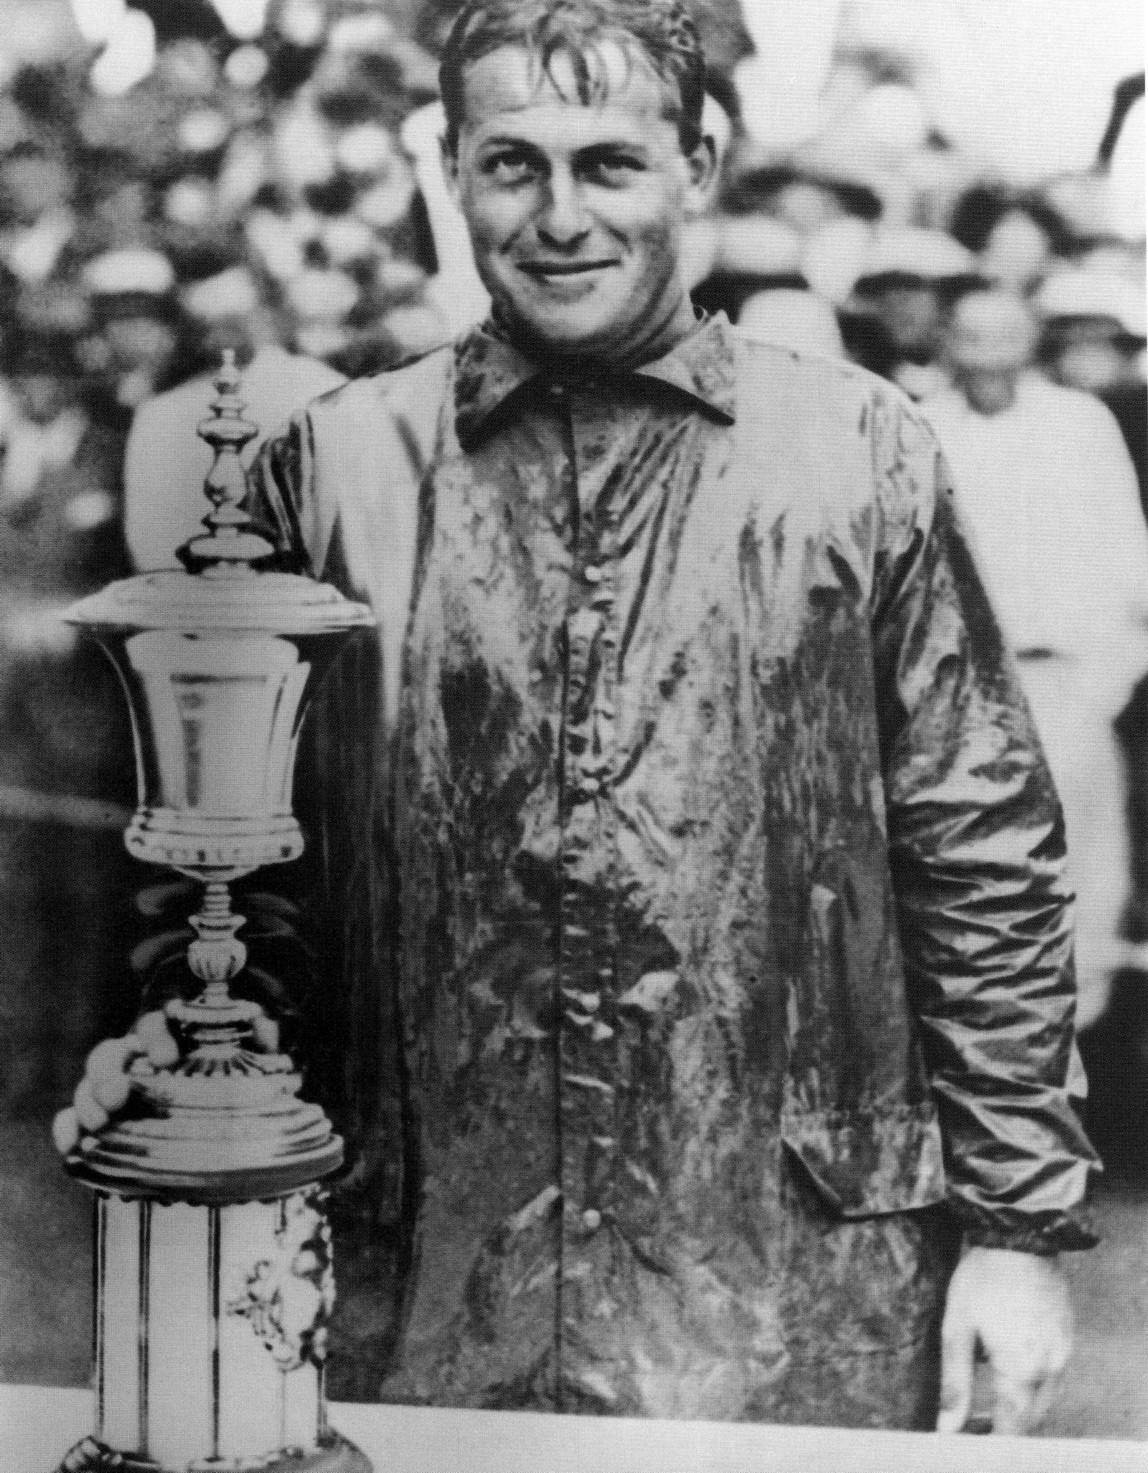 El mítico Bobby Jones, único jugador que ganó los 4 grandes de aquella época el mismo año: el Open Británico, el Open USA, el United States Amateur y el British Amateur utilizó estos modelos de bolas para sus éxitos cosechados entre 1923 y 1930.